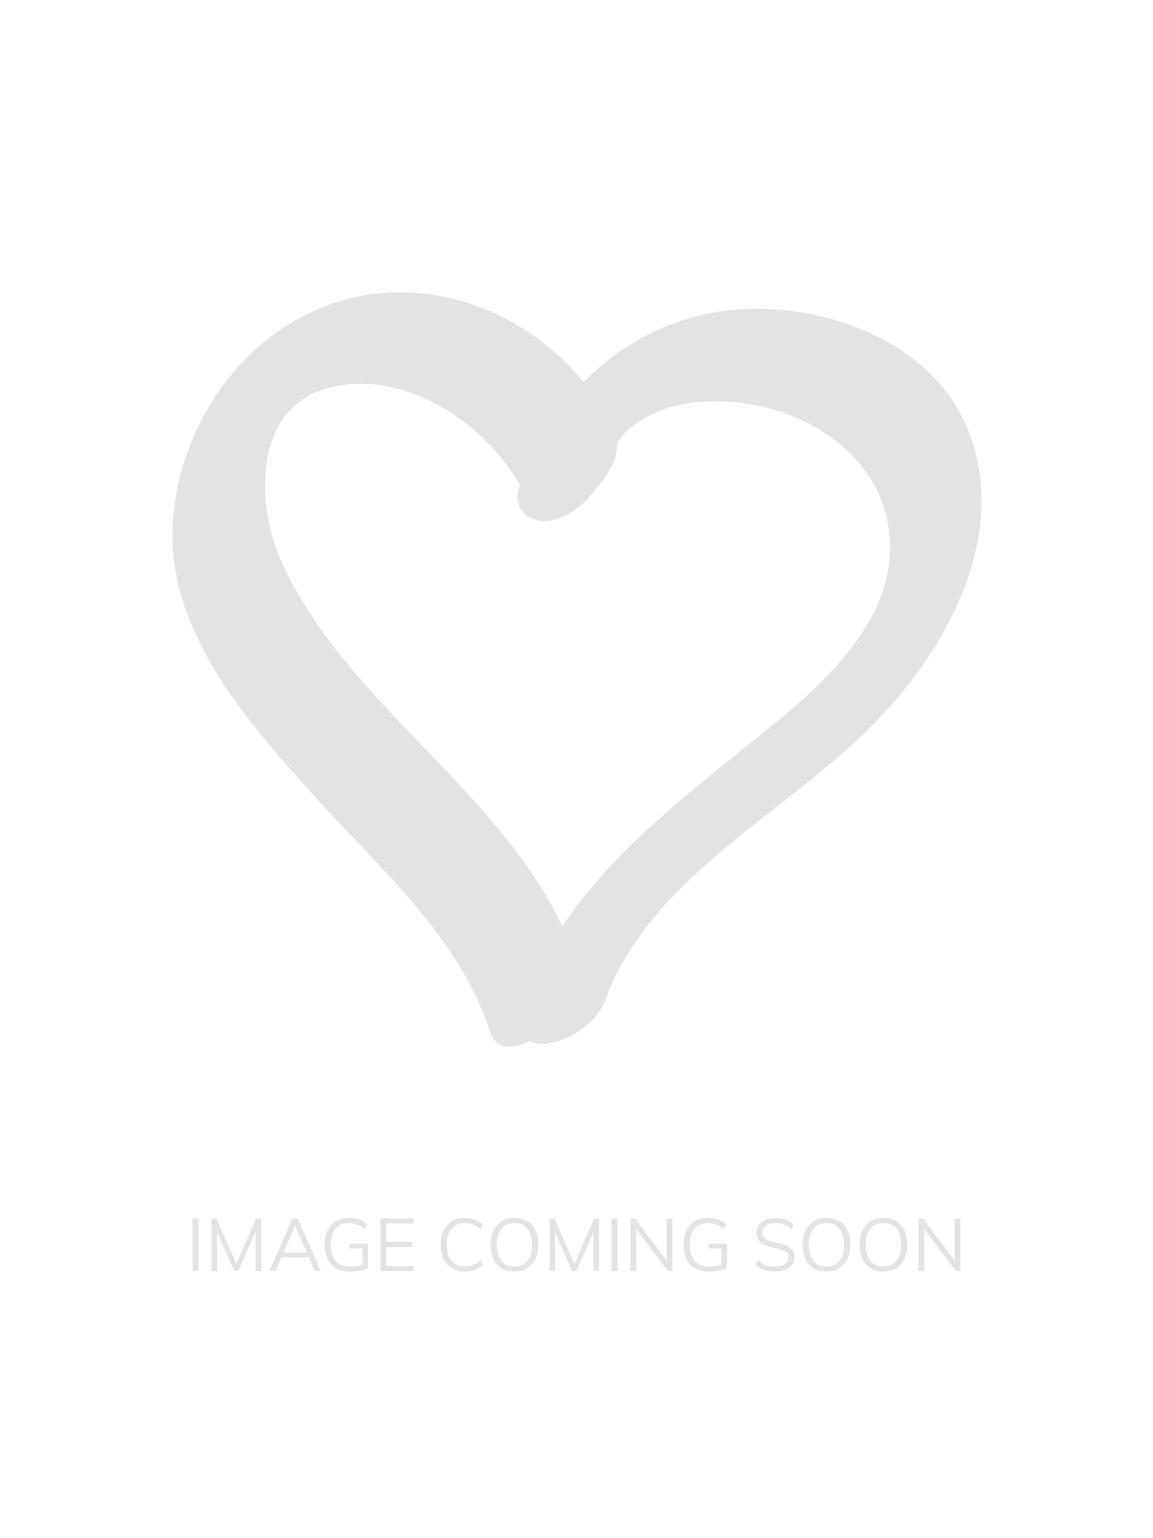 Amourette 300 W Full Cup Bra - Orange Highlight  921c4c3d8